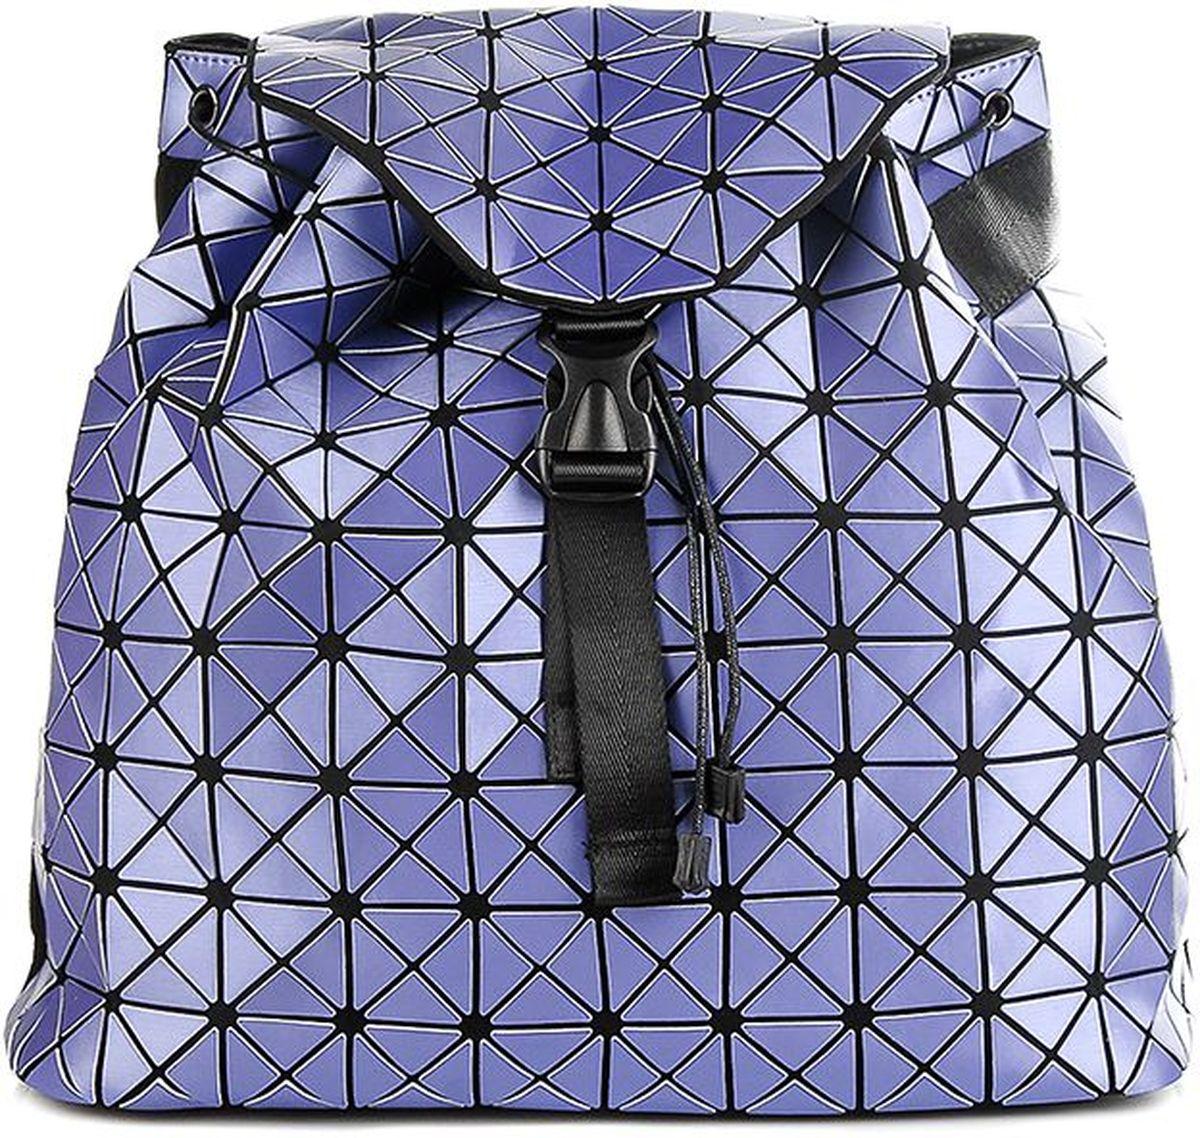 Рюкзак силиконовый Sabellino, цвет: фиолетовый. 0111016456_400111016456_40Легкий вместительный рюкзак, закрывается на крышку с застежкой, изделие затягивается, что позволит сделать его компактным или более вместительным. Внутри тканевый подклад, карман на молнии для документов, отделения для мелочи и мобильного телефона, уплотненное дно. Мягкие регулируемые лямки.